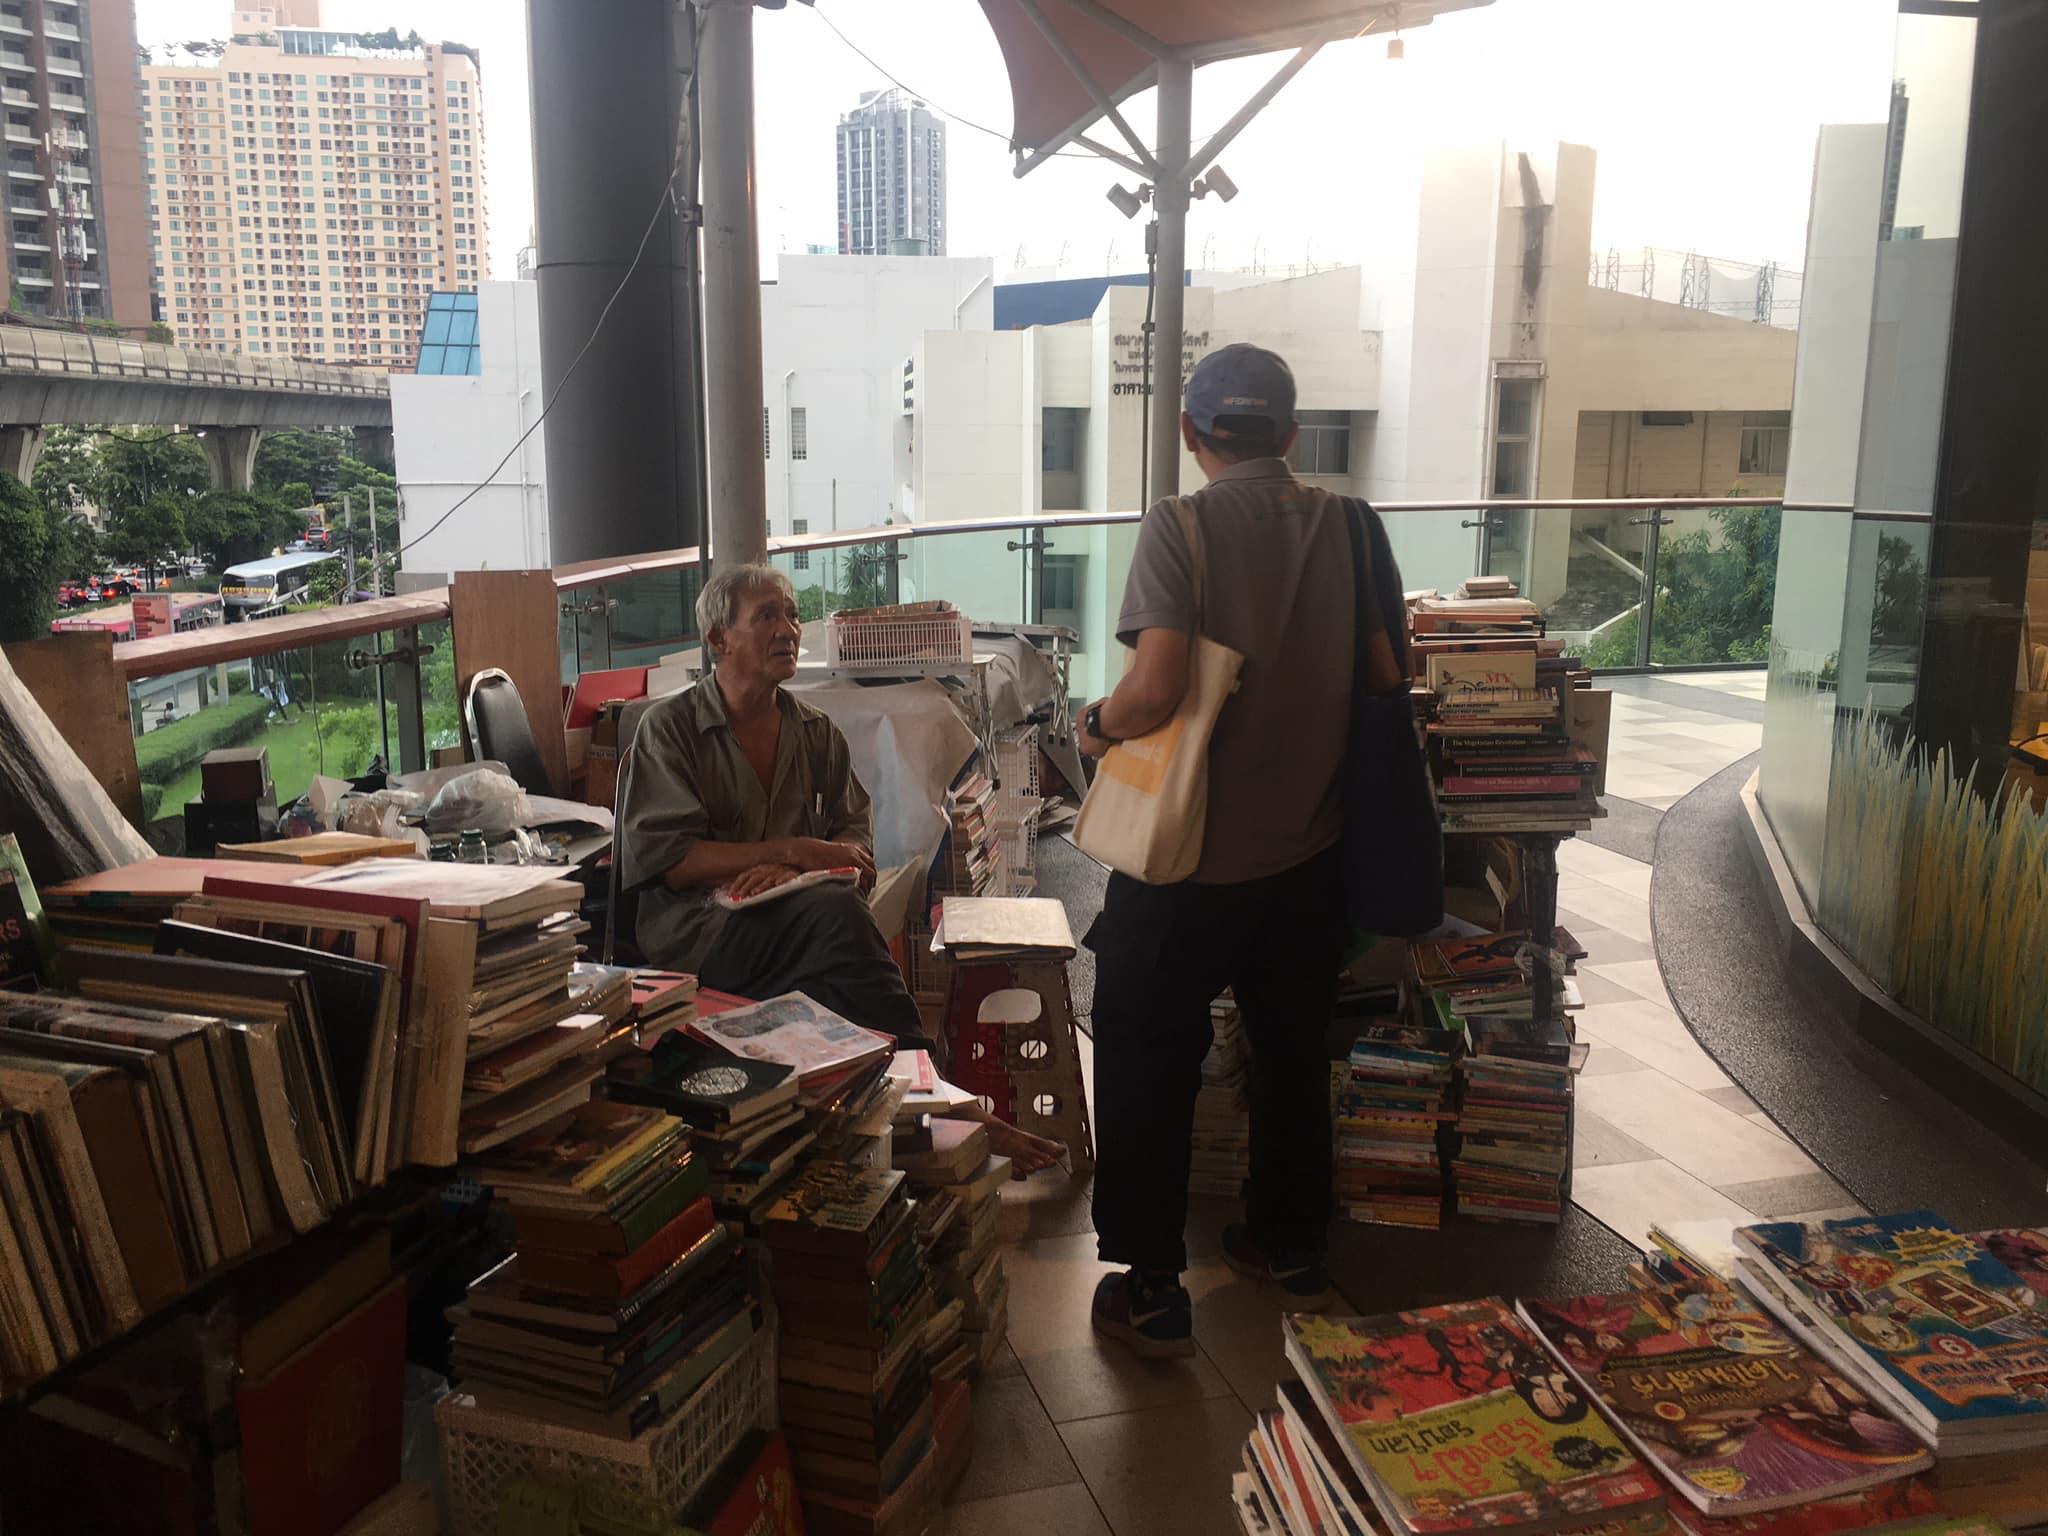 ชาวเน็ตแห่แชร์ ร้านหนังสือมือสอง ใกล้กับ BTS เอกมัย วอนอุดหนุน หลังพฤติกรรมการอ่านเปลี่ยนไป